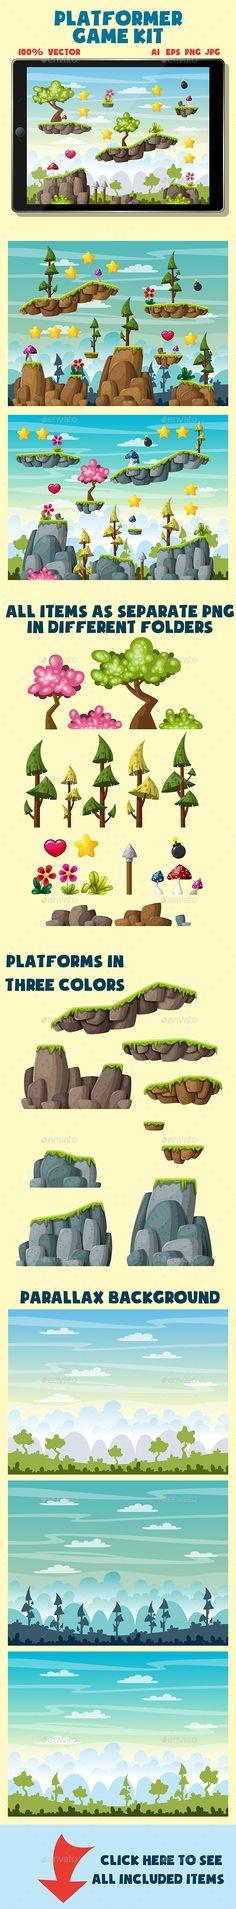 Platformer Game Pack - Tilesets Game Assets